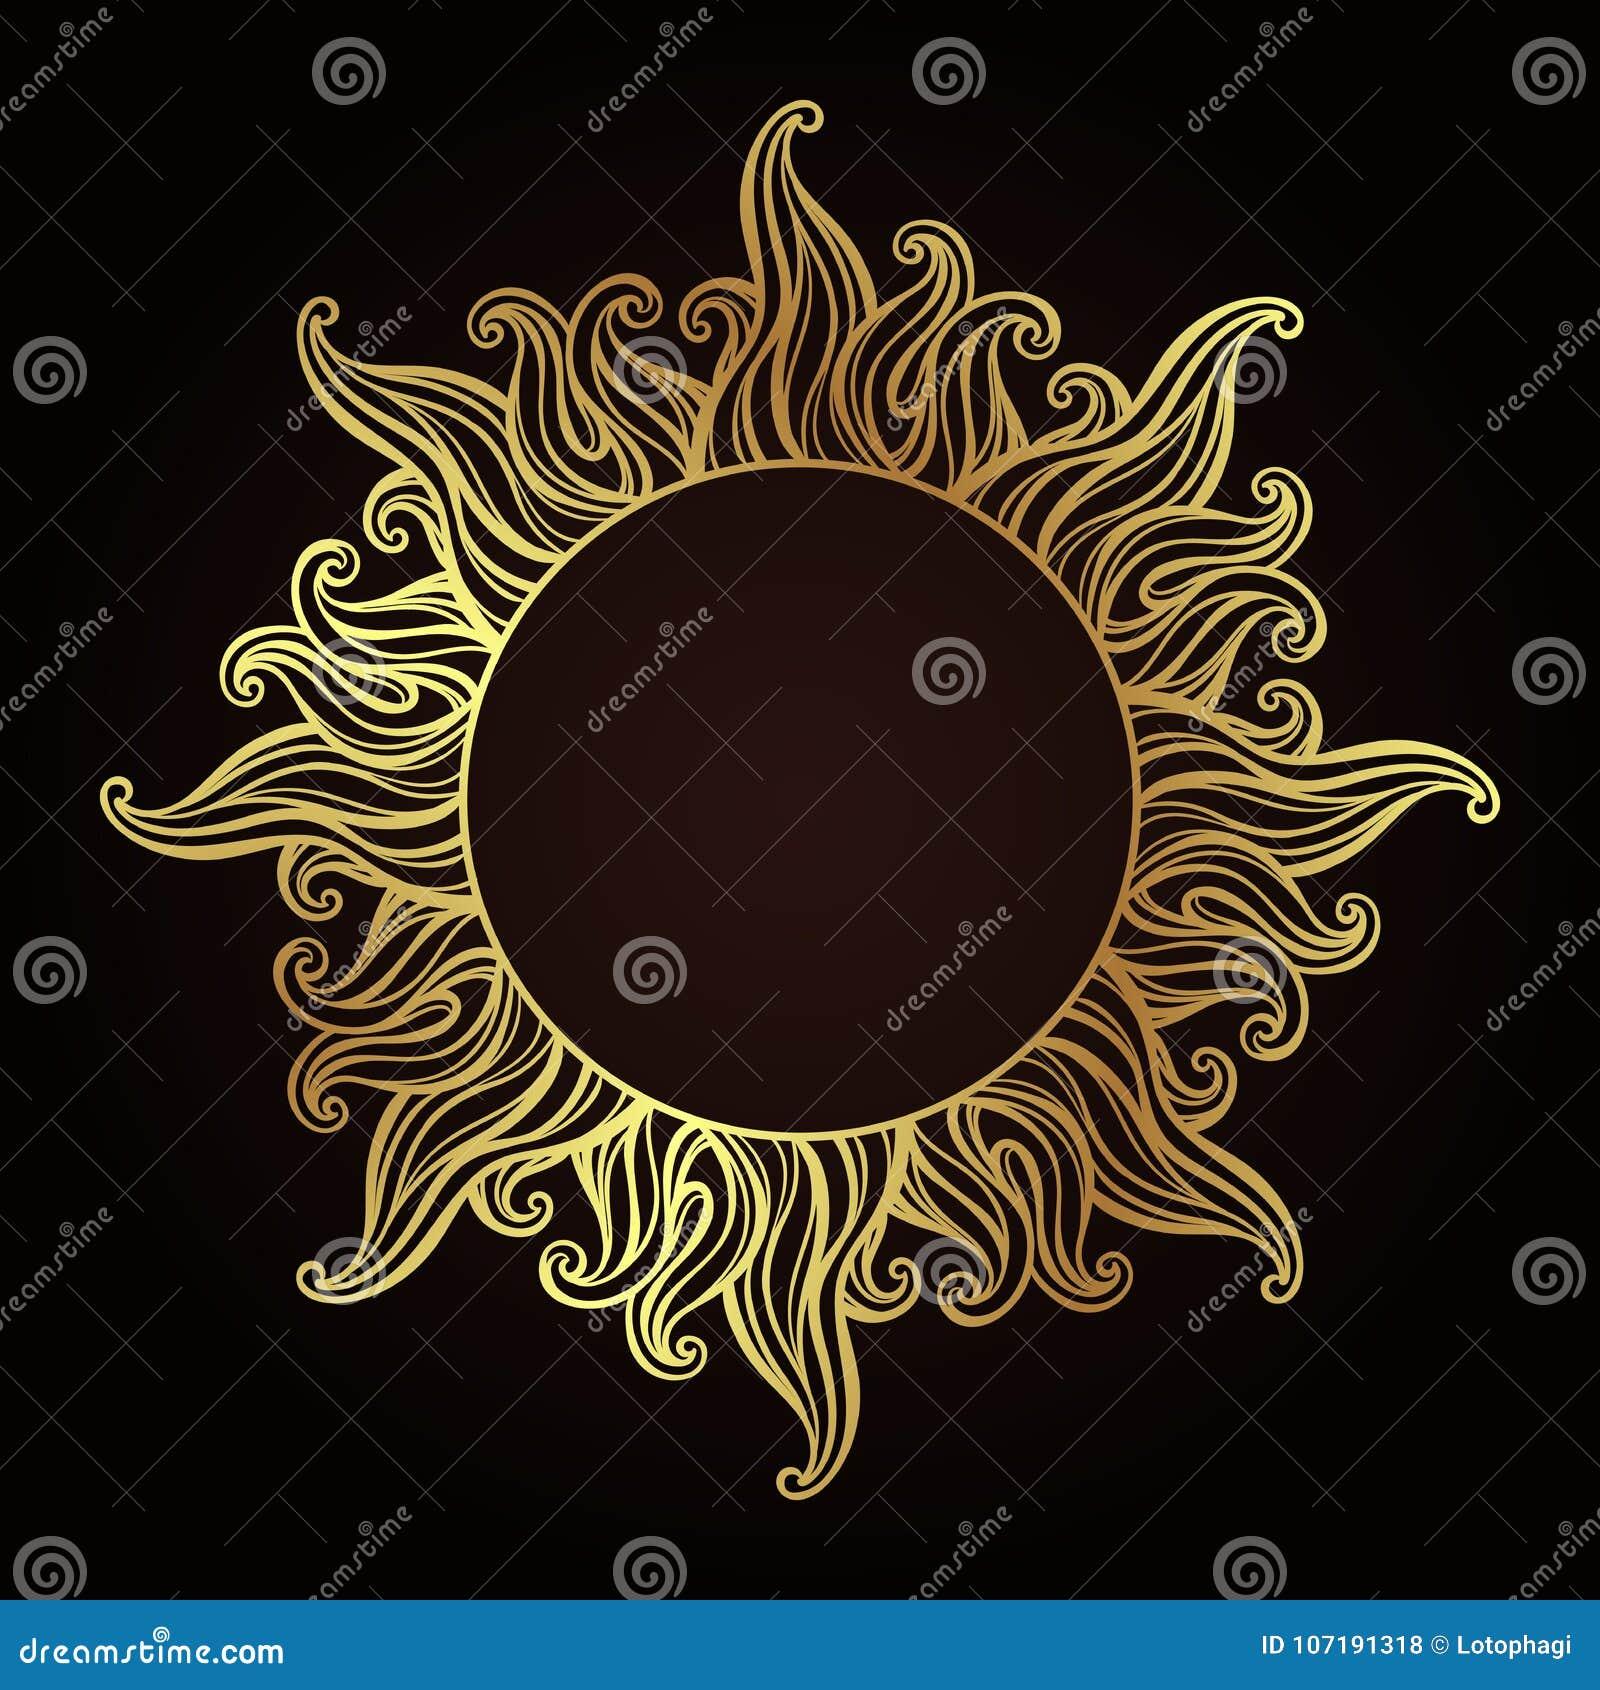 Marco antiguo adornado del estilo de la aguafuerte del oro en una forma del sol